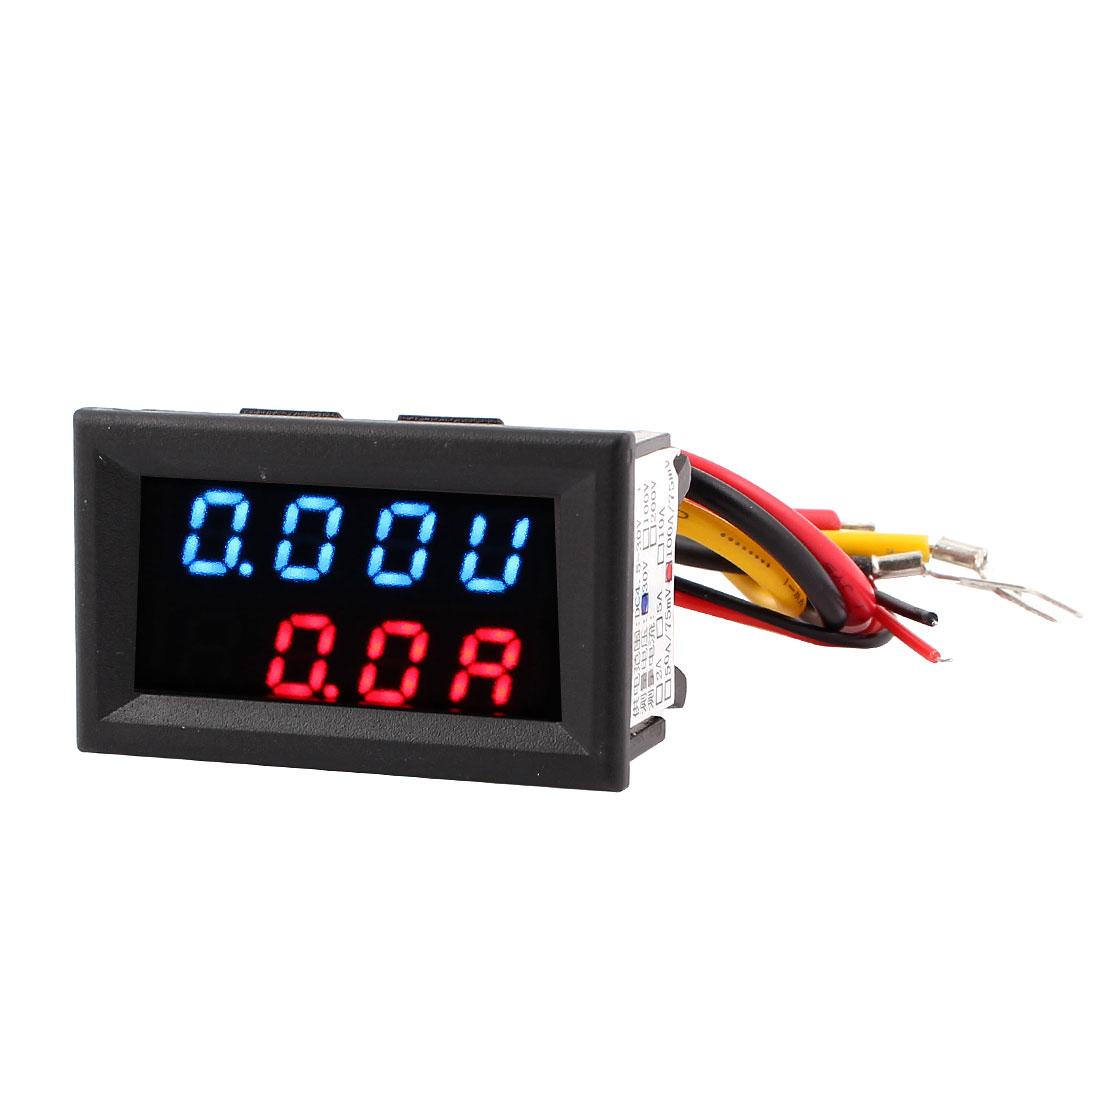 DC 0-30V 0-100A Blue Red LED Dual Digital Display Panel Voltmeter Ammeter Meter